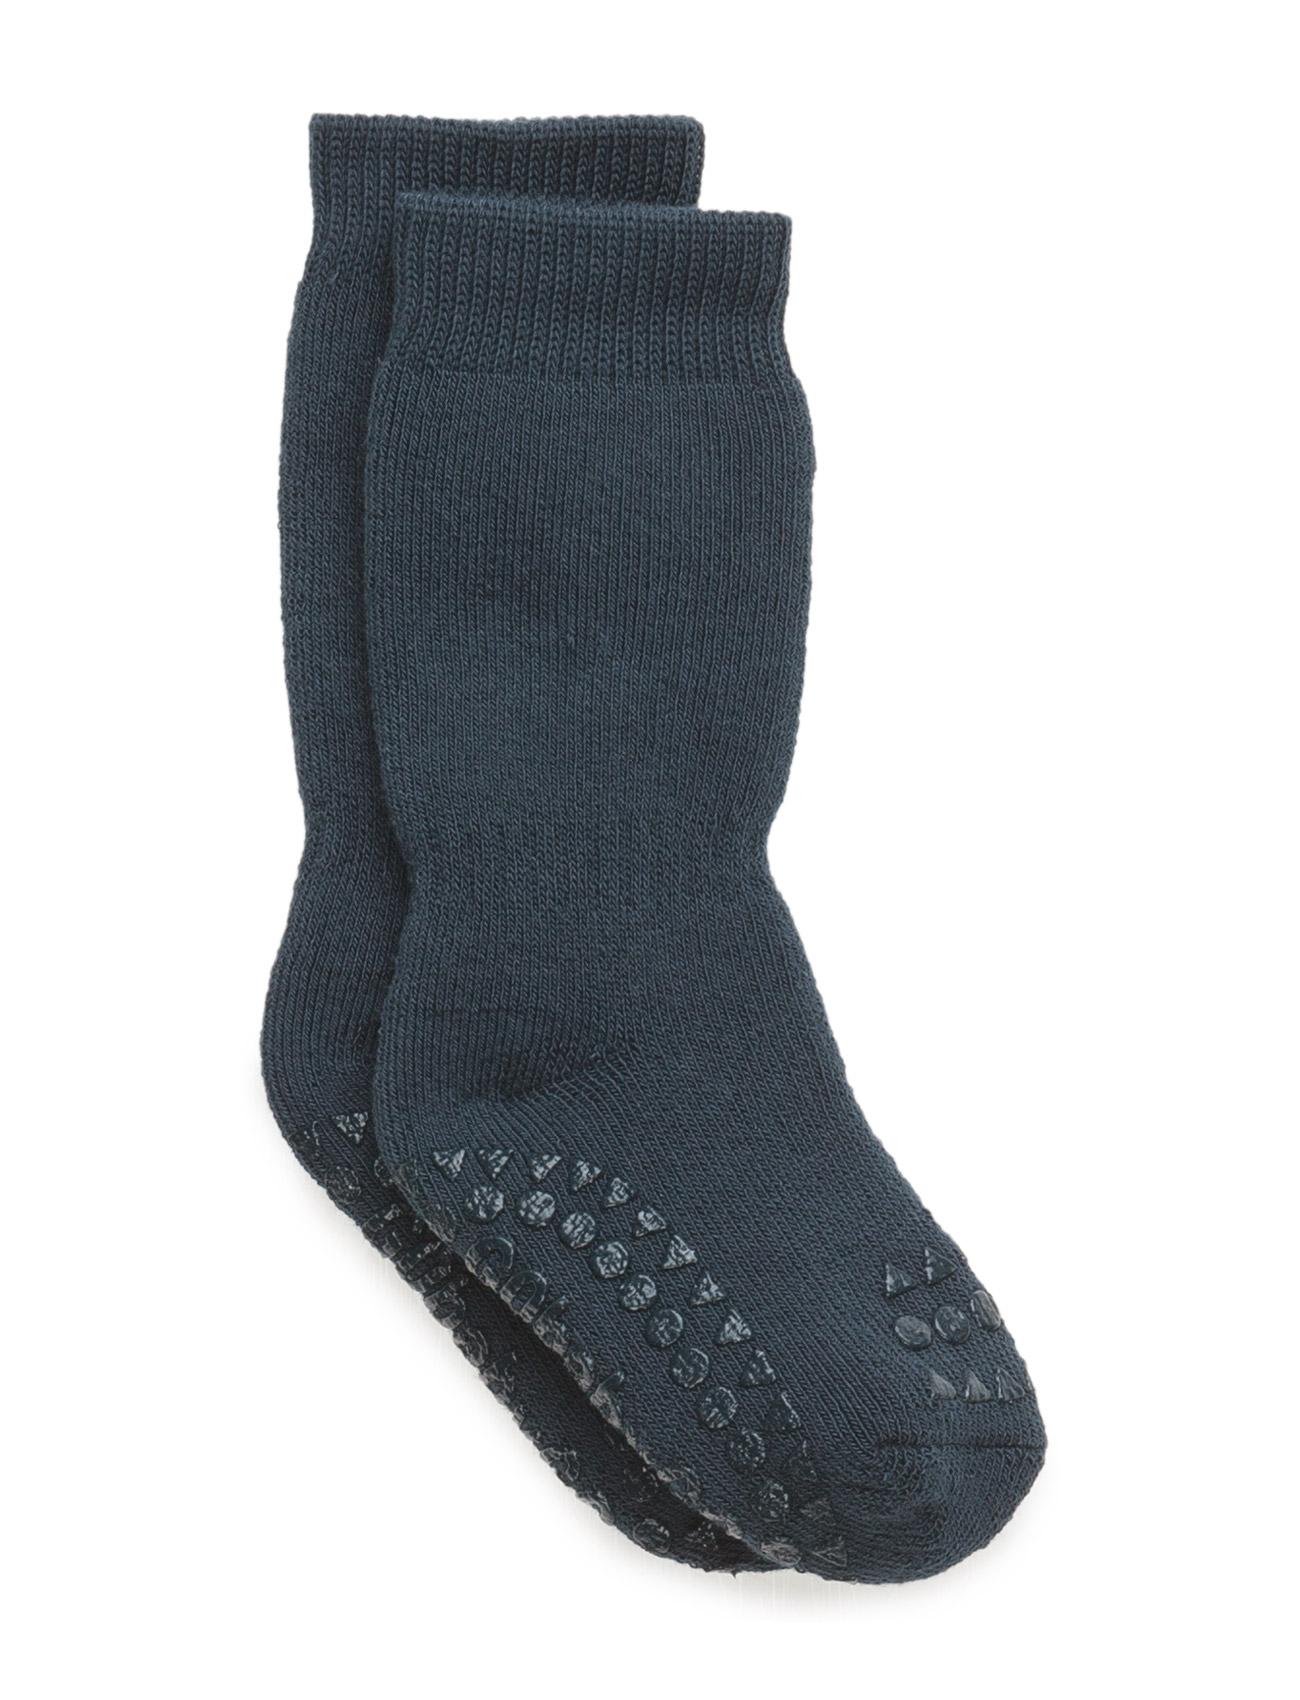 Non-Slip Socks GoBabyGo Strømper & Strømpebukser til Børn i